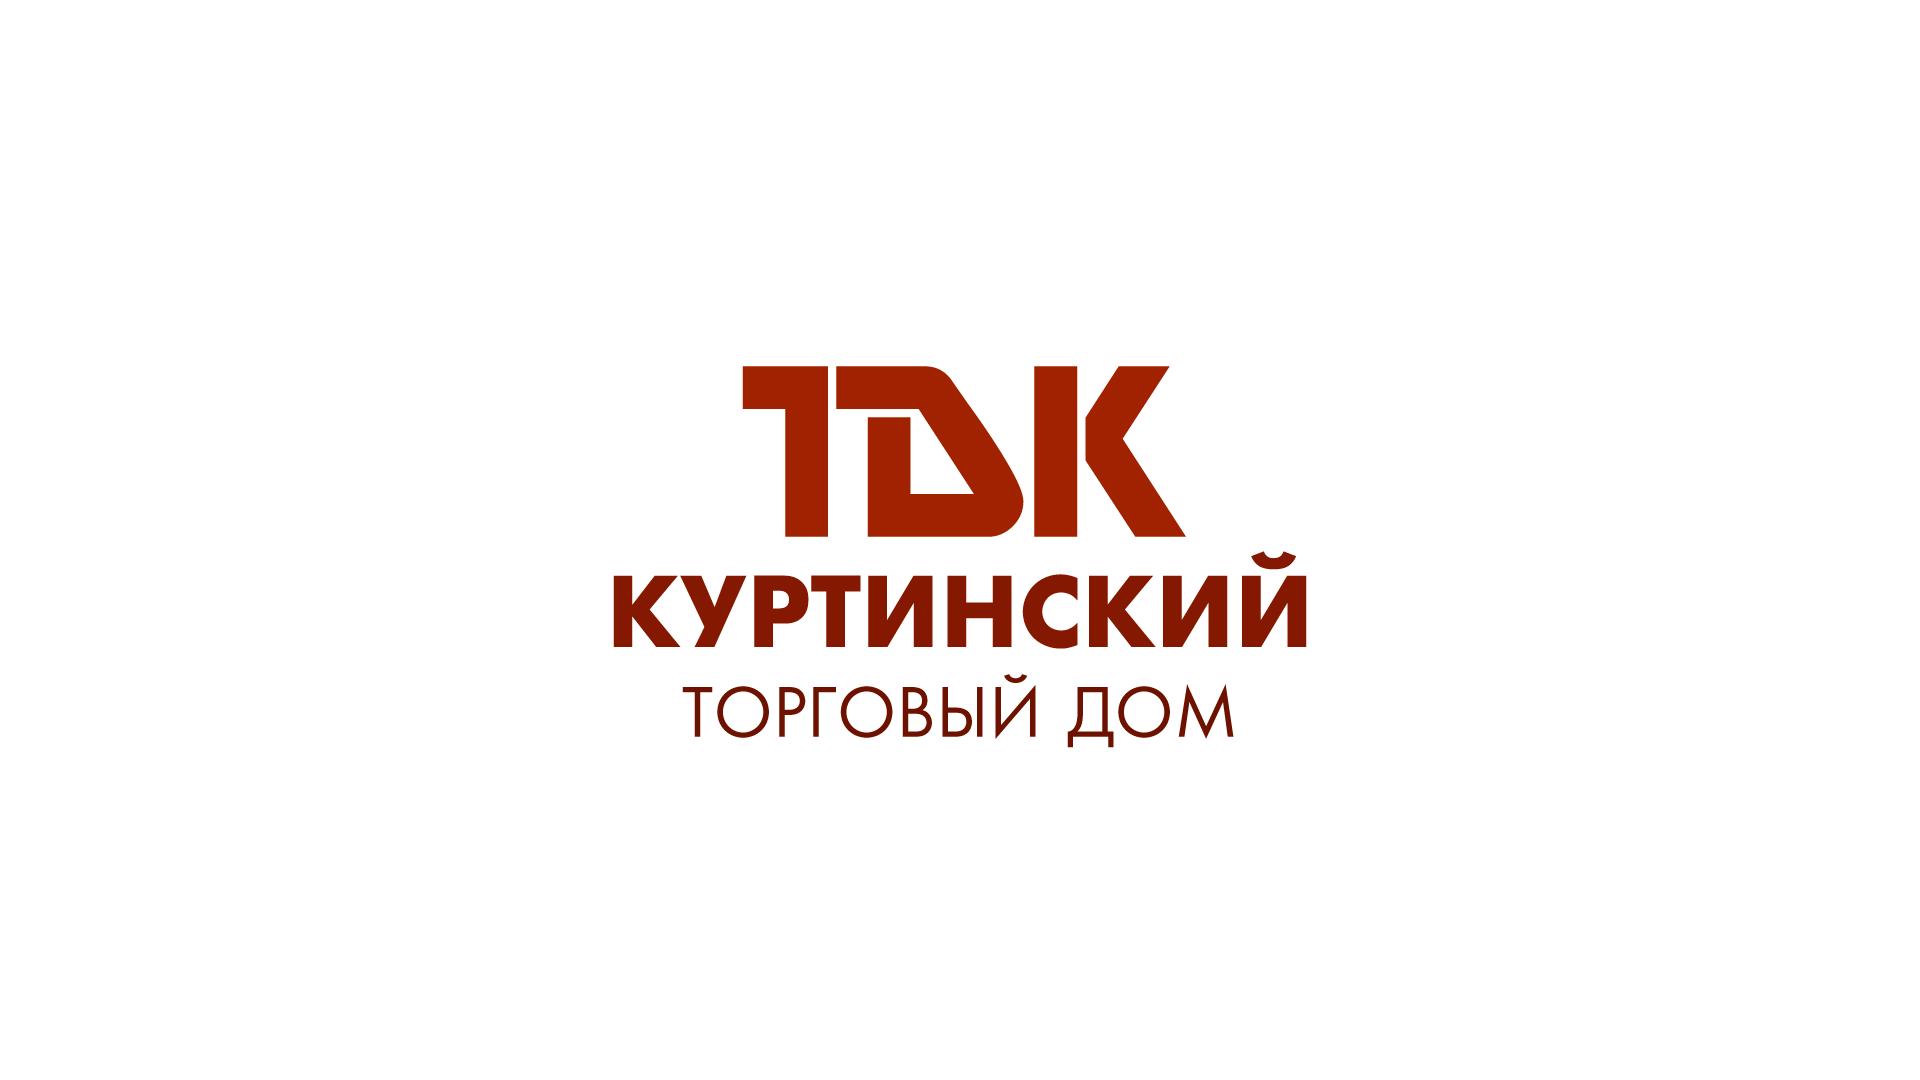 Логотип для камнедобывающей компании фото f_8945ba0a37428130.png